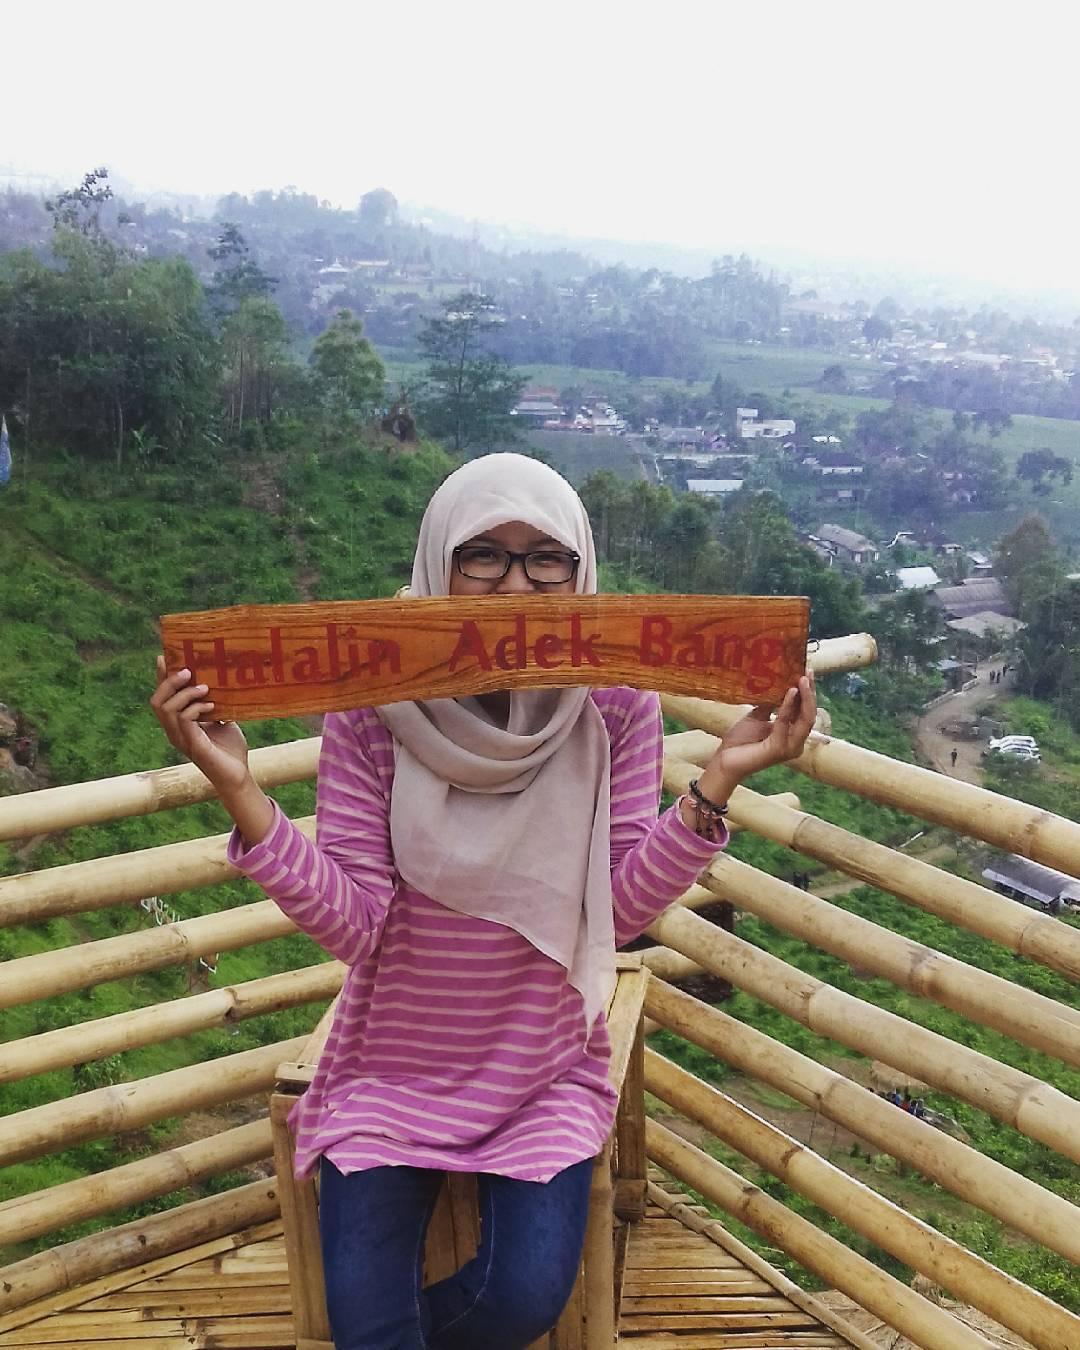 2017 Travel Story Indonesia Menjadi Tempat Wisata Pengelola Setempat Membenahi